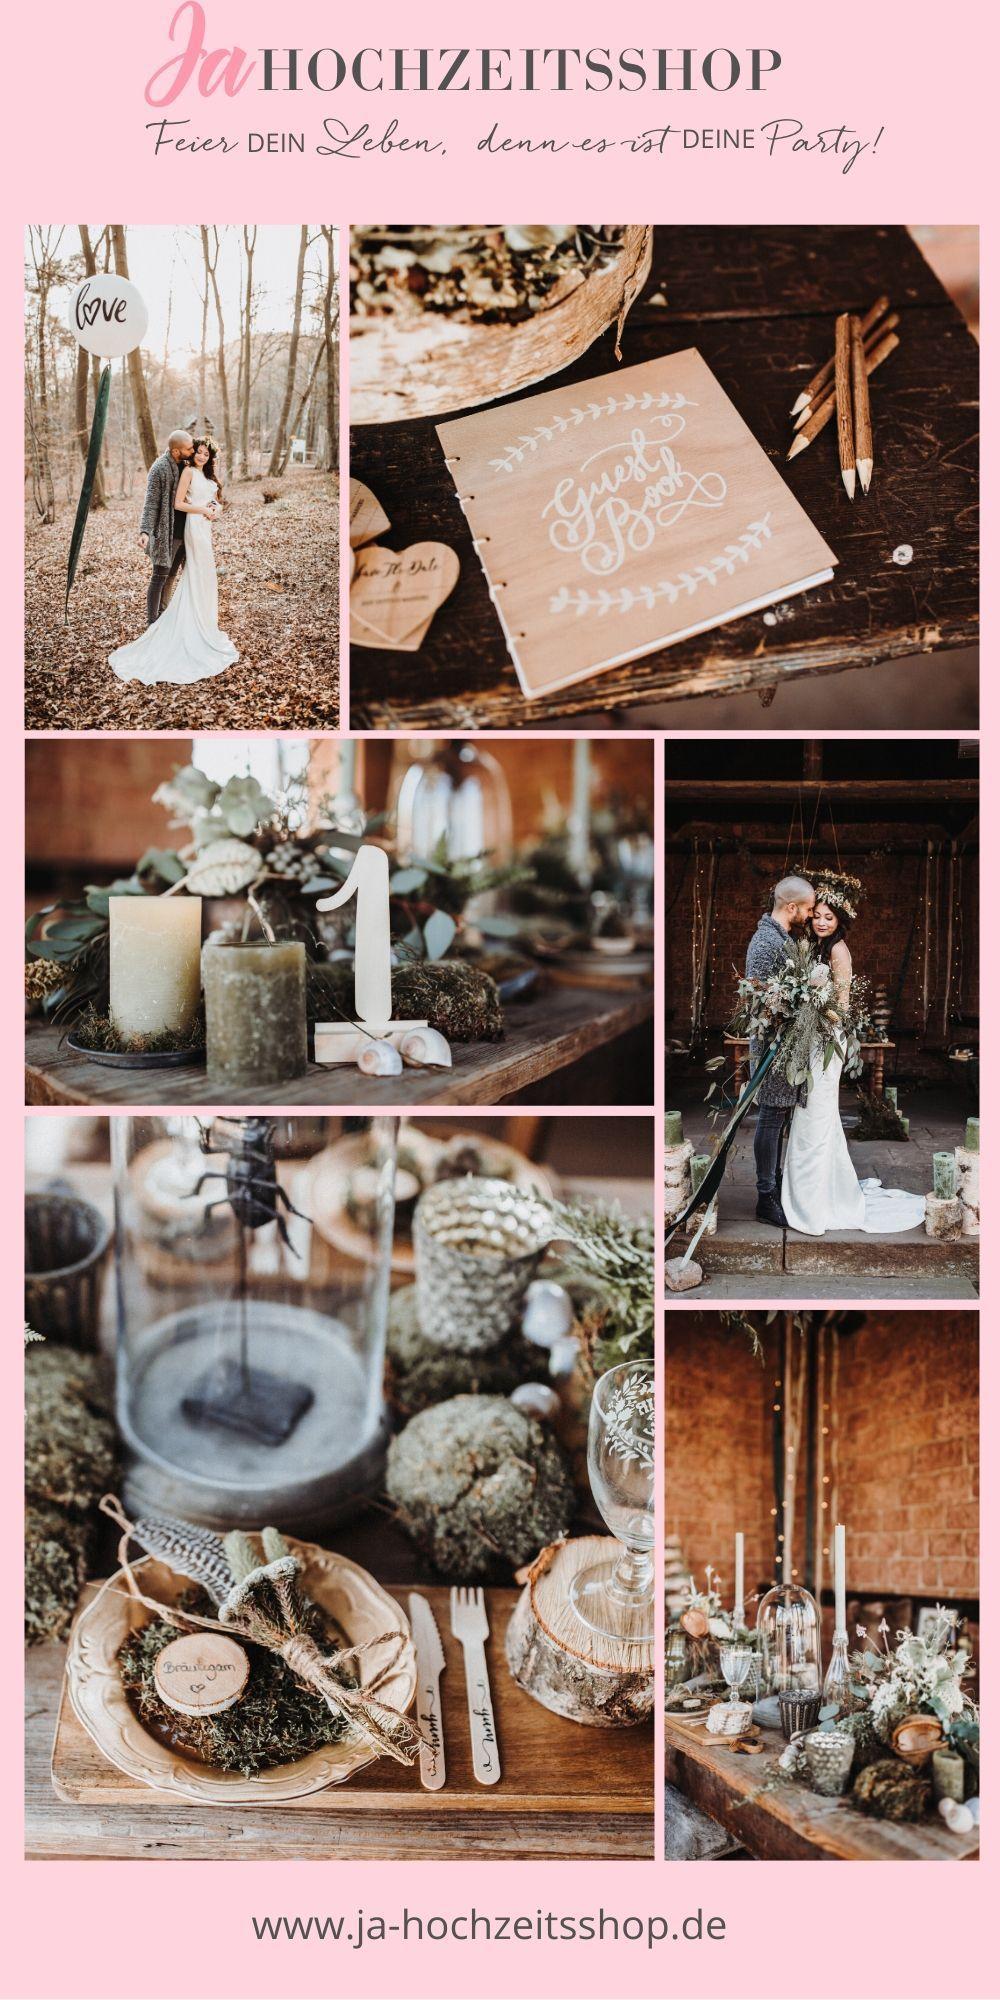 Alles Fur Die Perfekte Vintage Hochzeit Hochzeit I Vintage I Kleider I Tischdekoration I Dekroation I Tischnu Vintage Hochzeit Hochzeit Shop Hochzeit